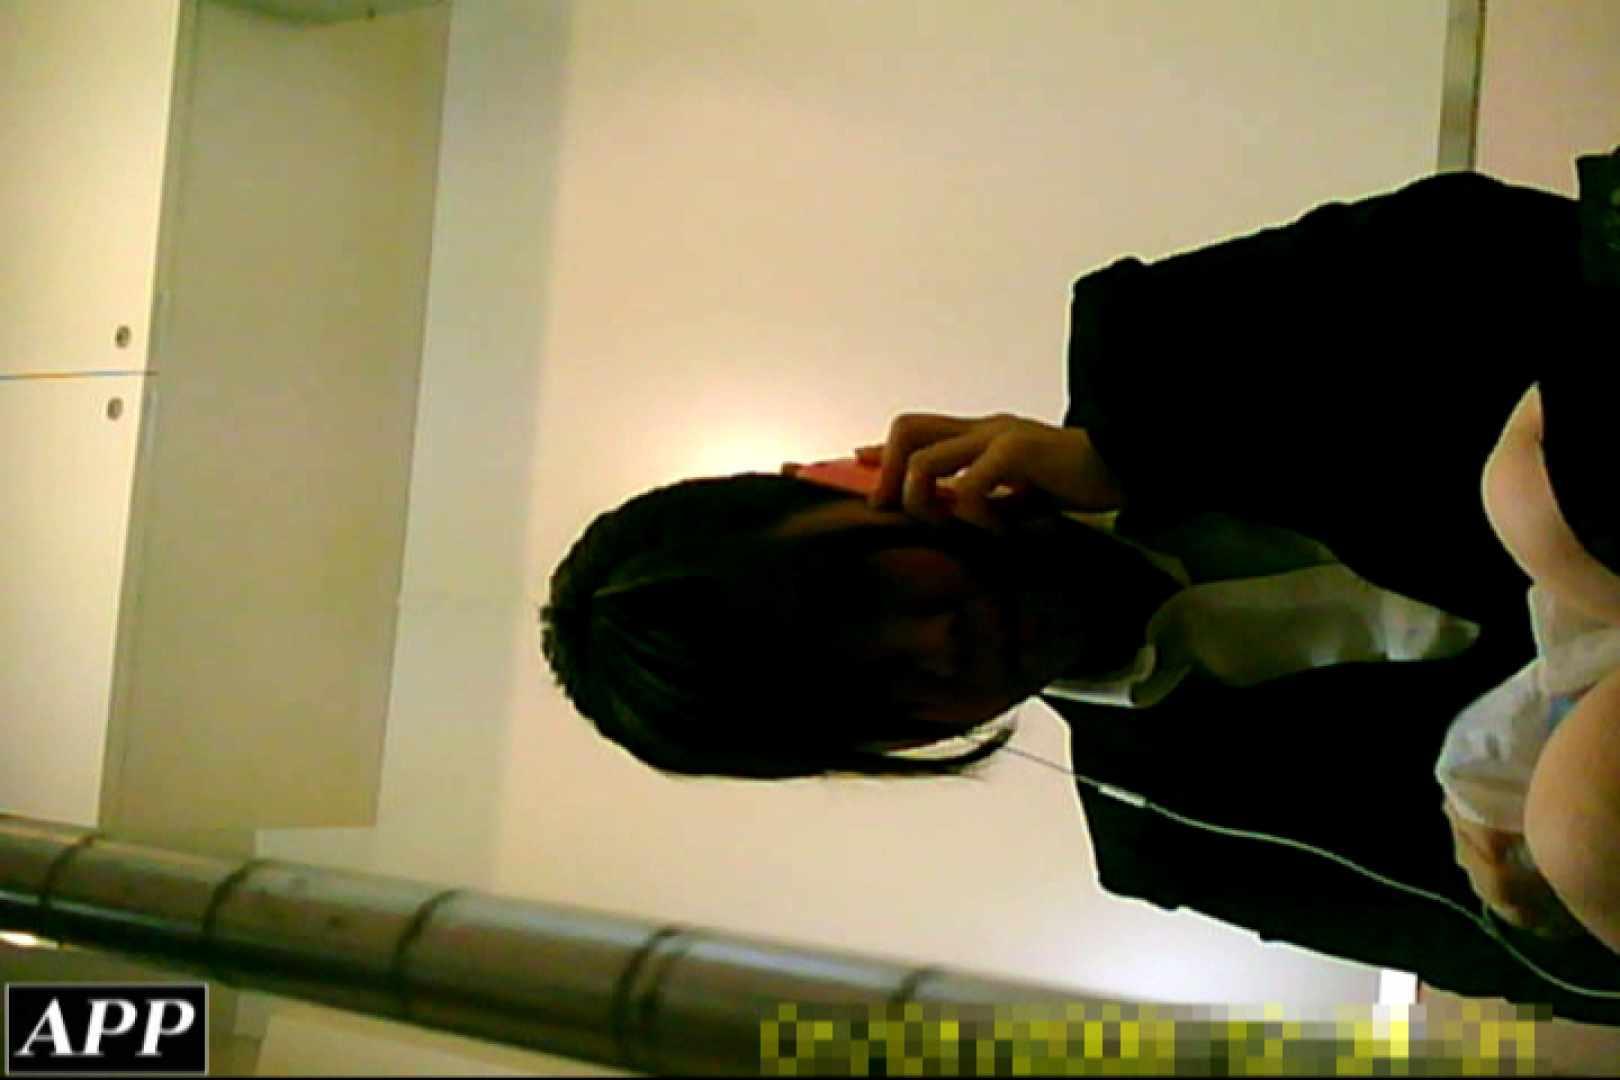 3視点洗面所 vol.09 エロいOL オマンコ動画キャプチャ 48枚